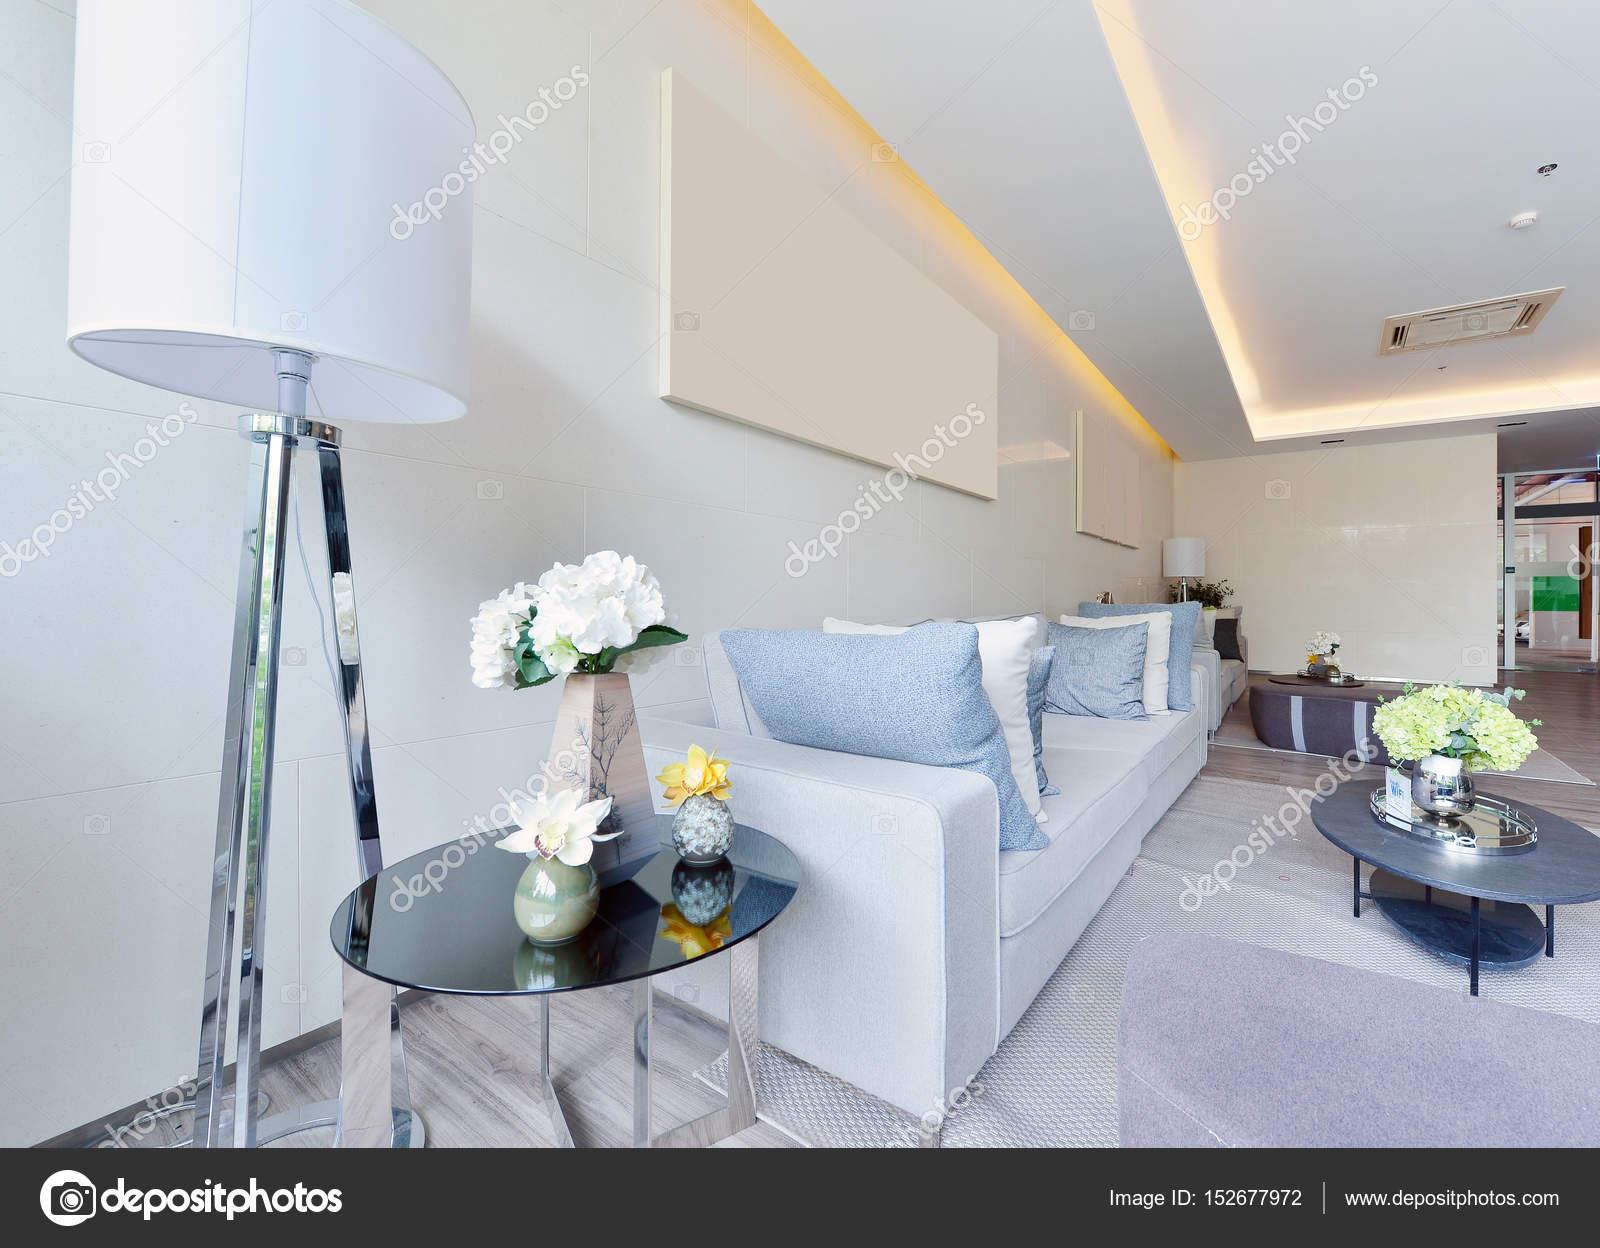 weie luxus modernes wohnen interieur und dekoration interieur des stockfoto